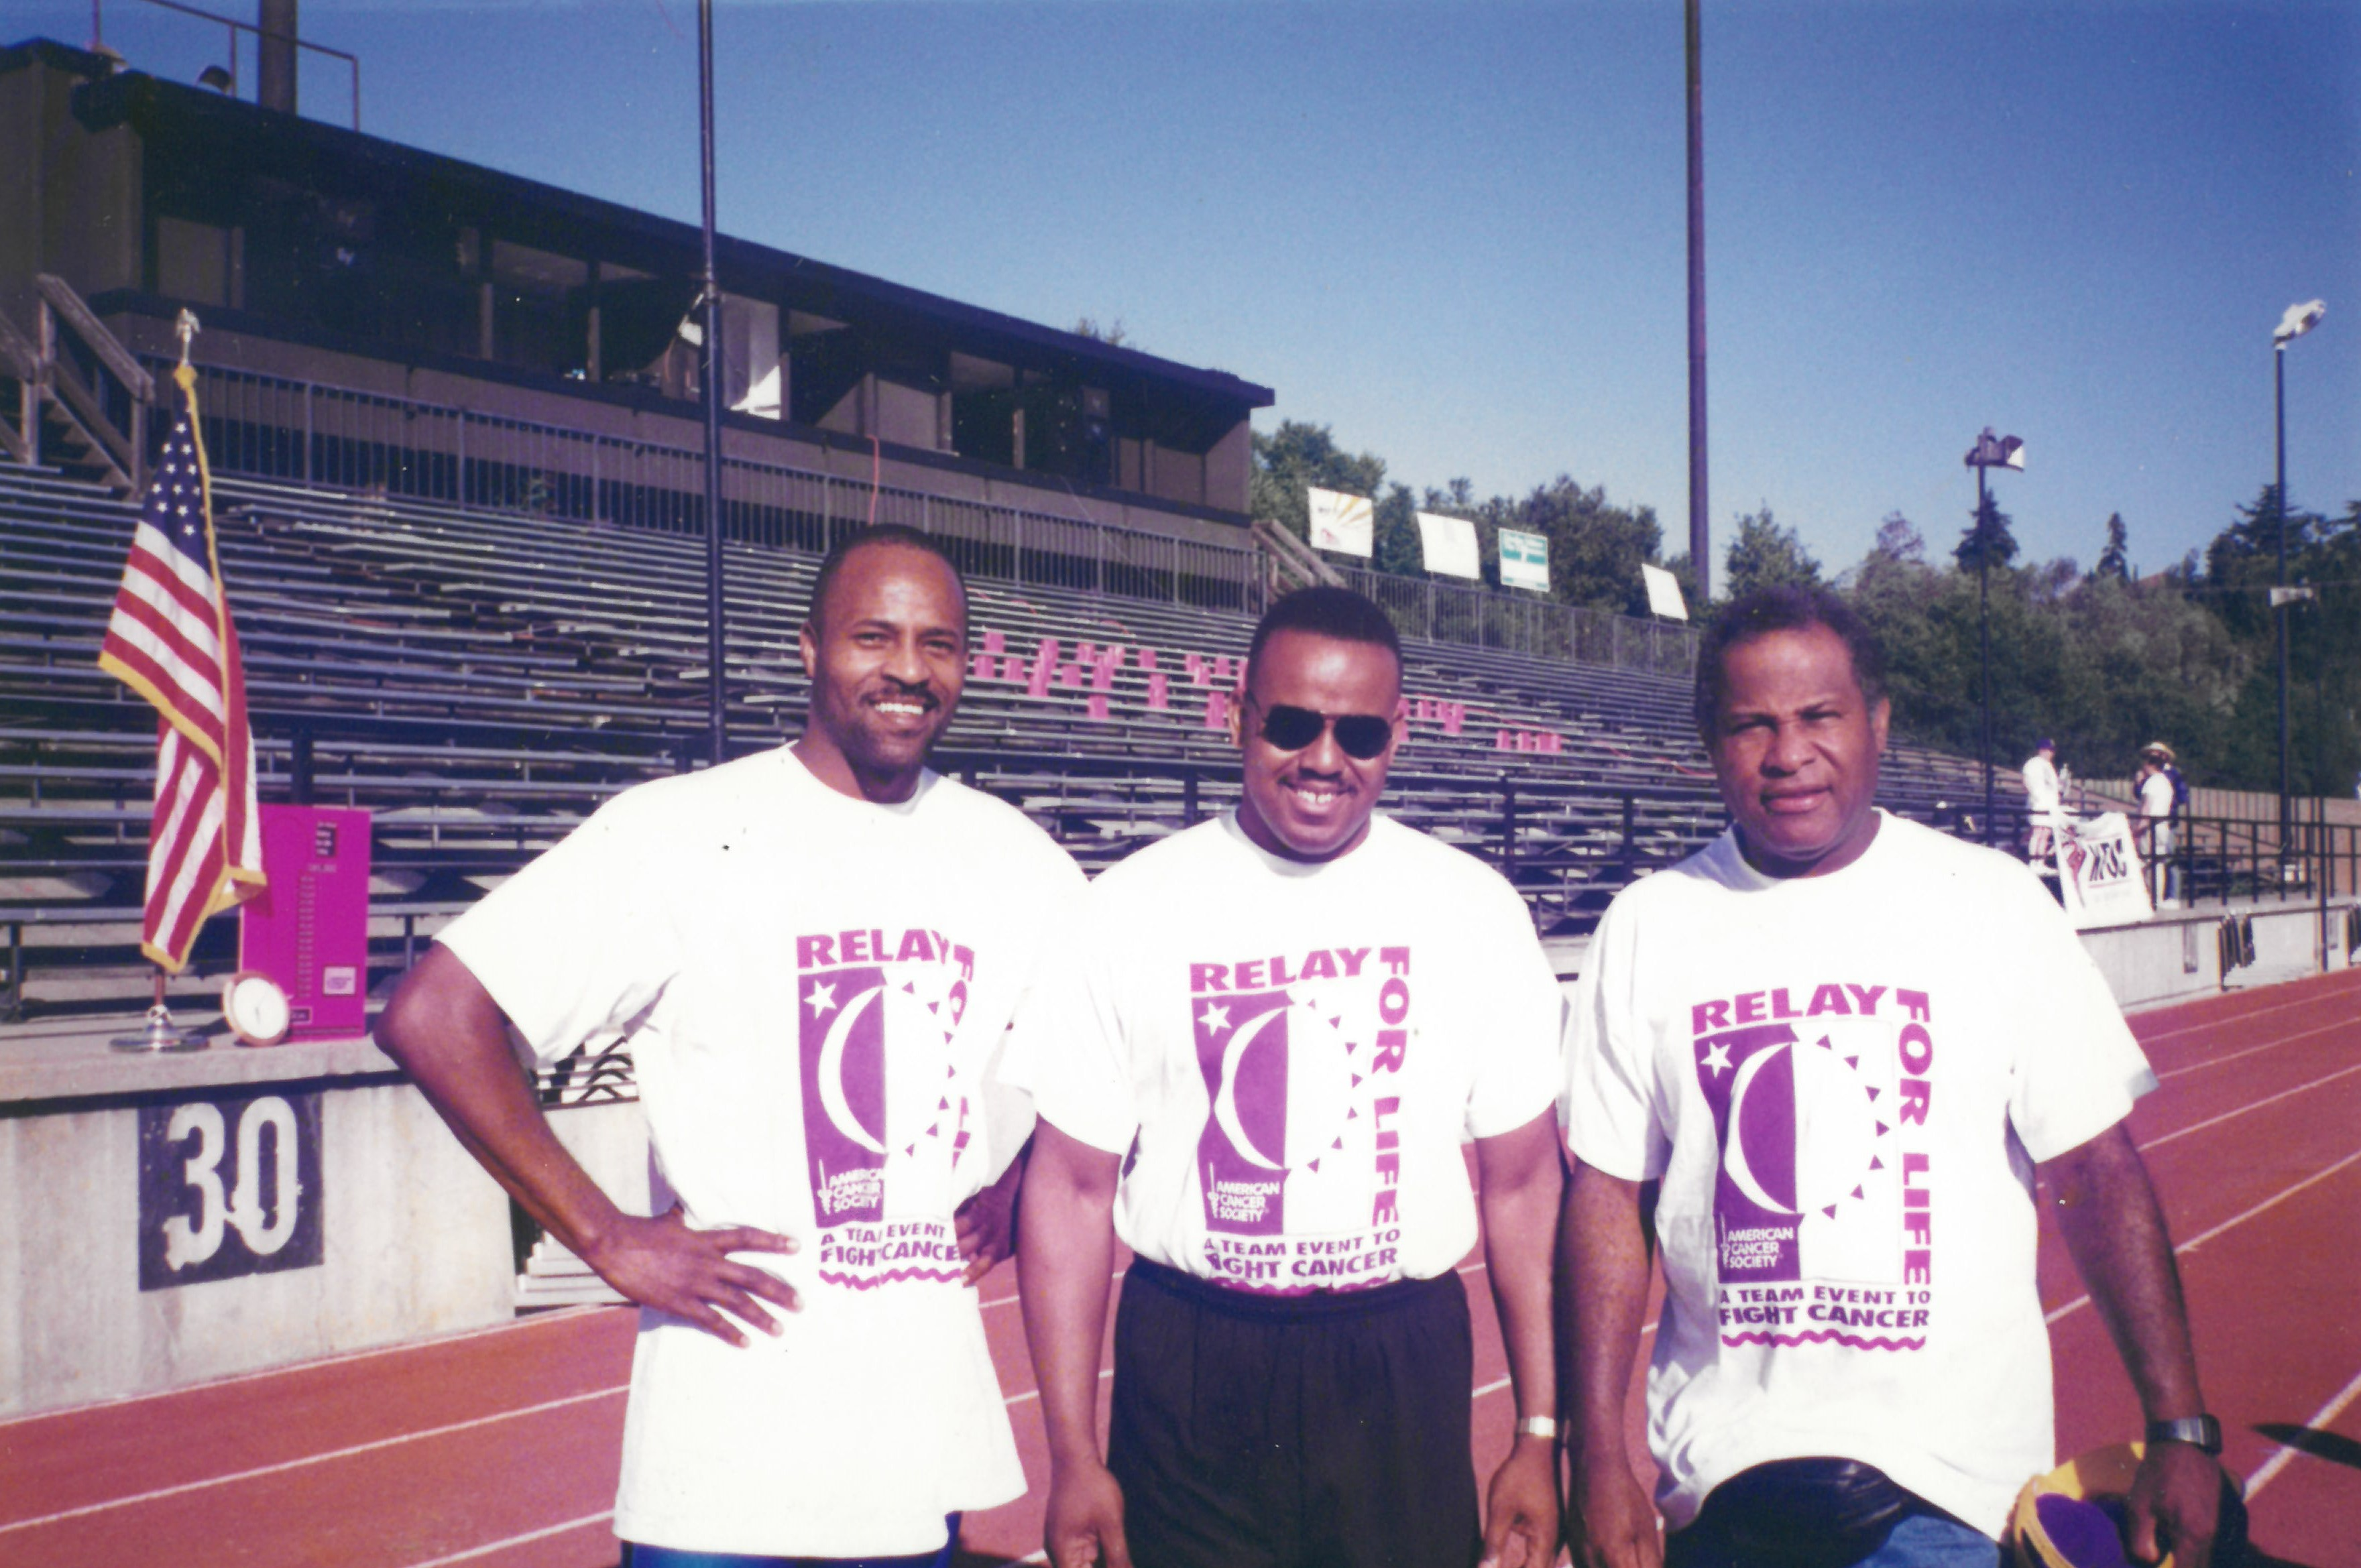 André Phillips, Millard Hampton, Bob Poynter at a Relay for Life event